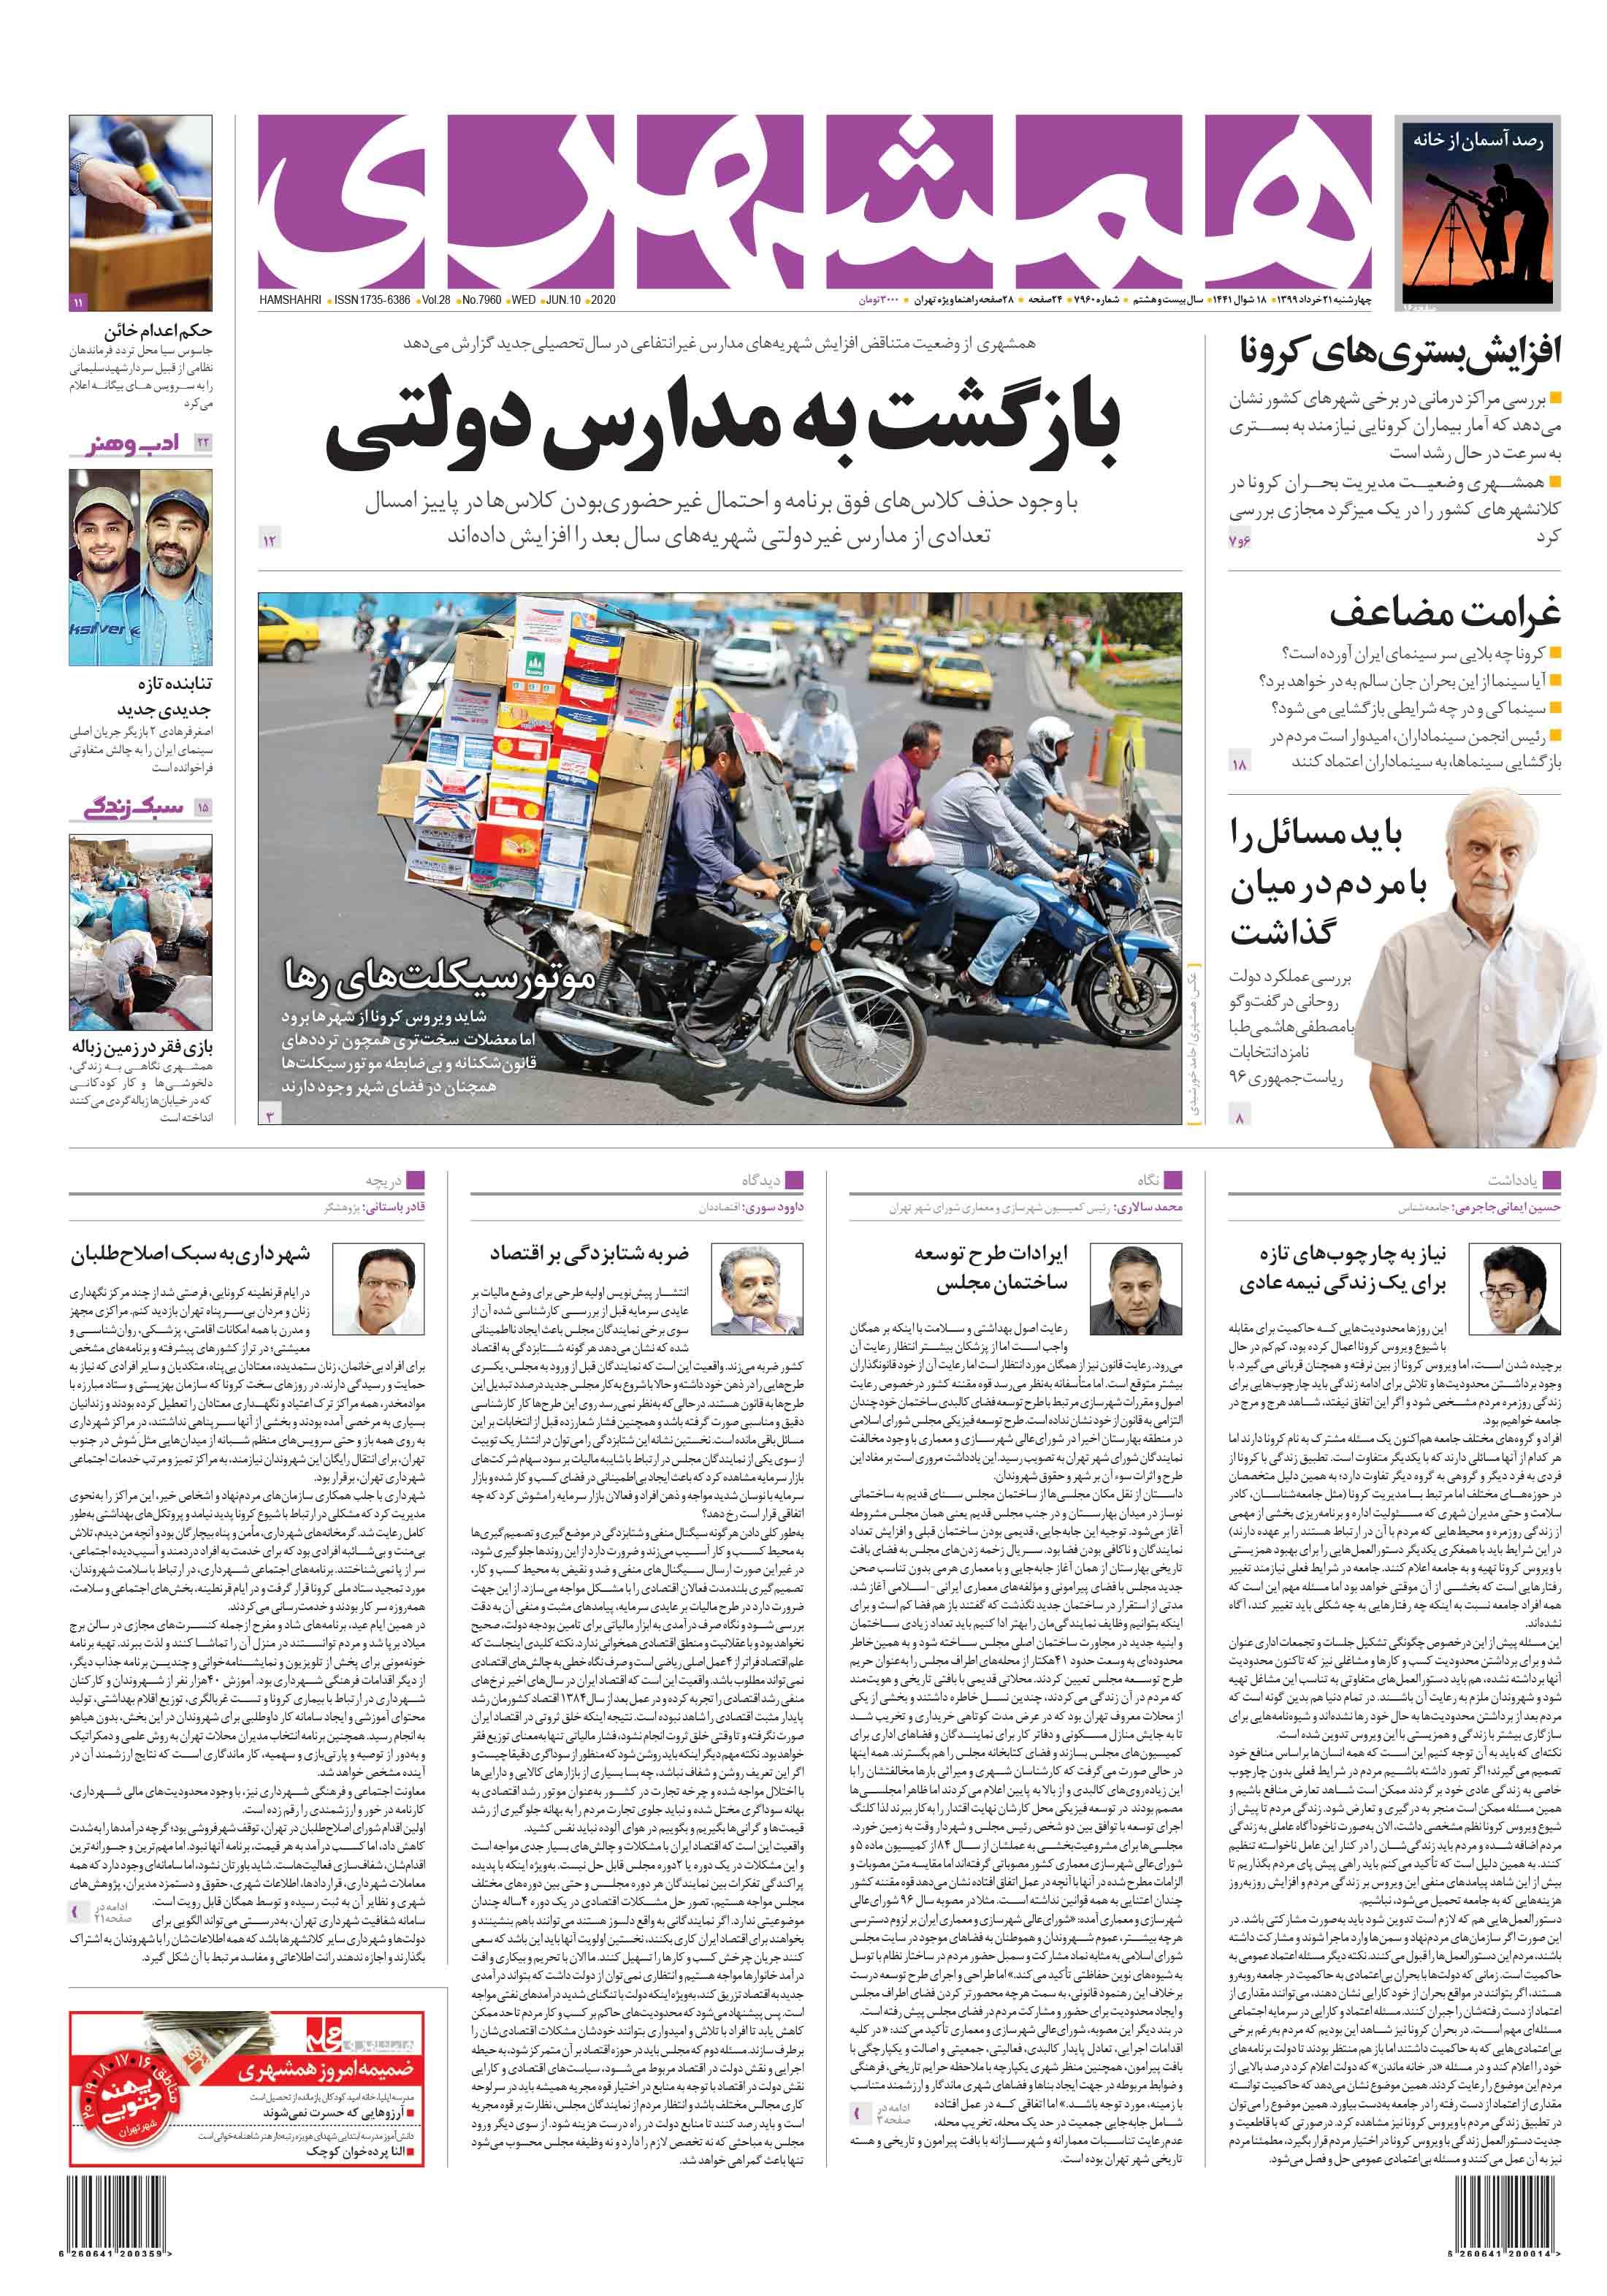 صفحه اول چهارشنبه 21 خرداد 1399